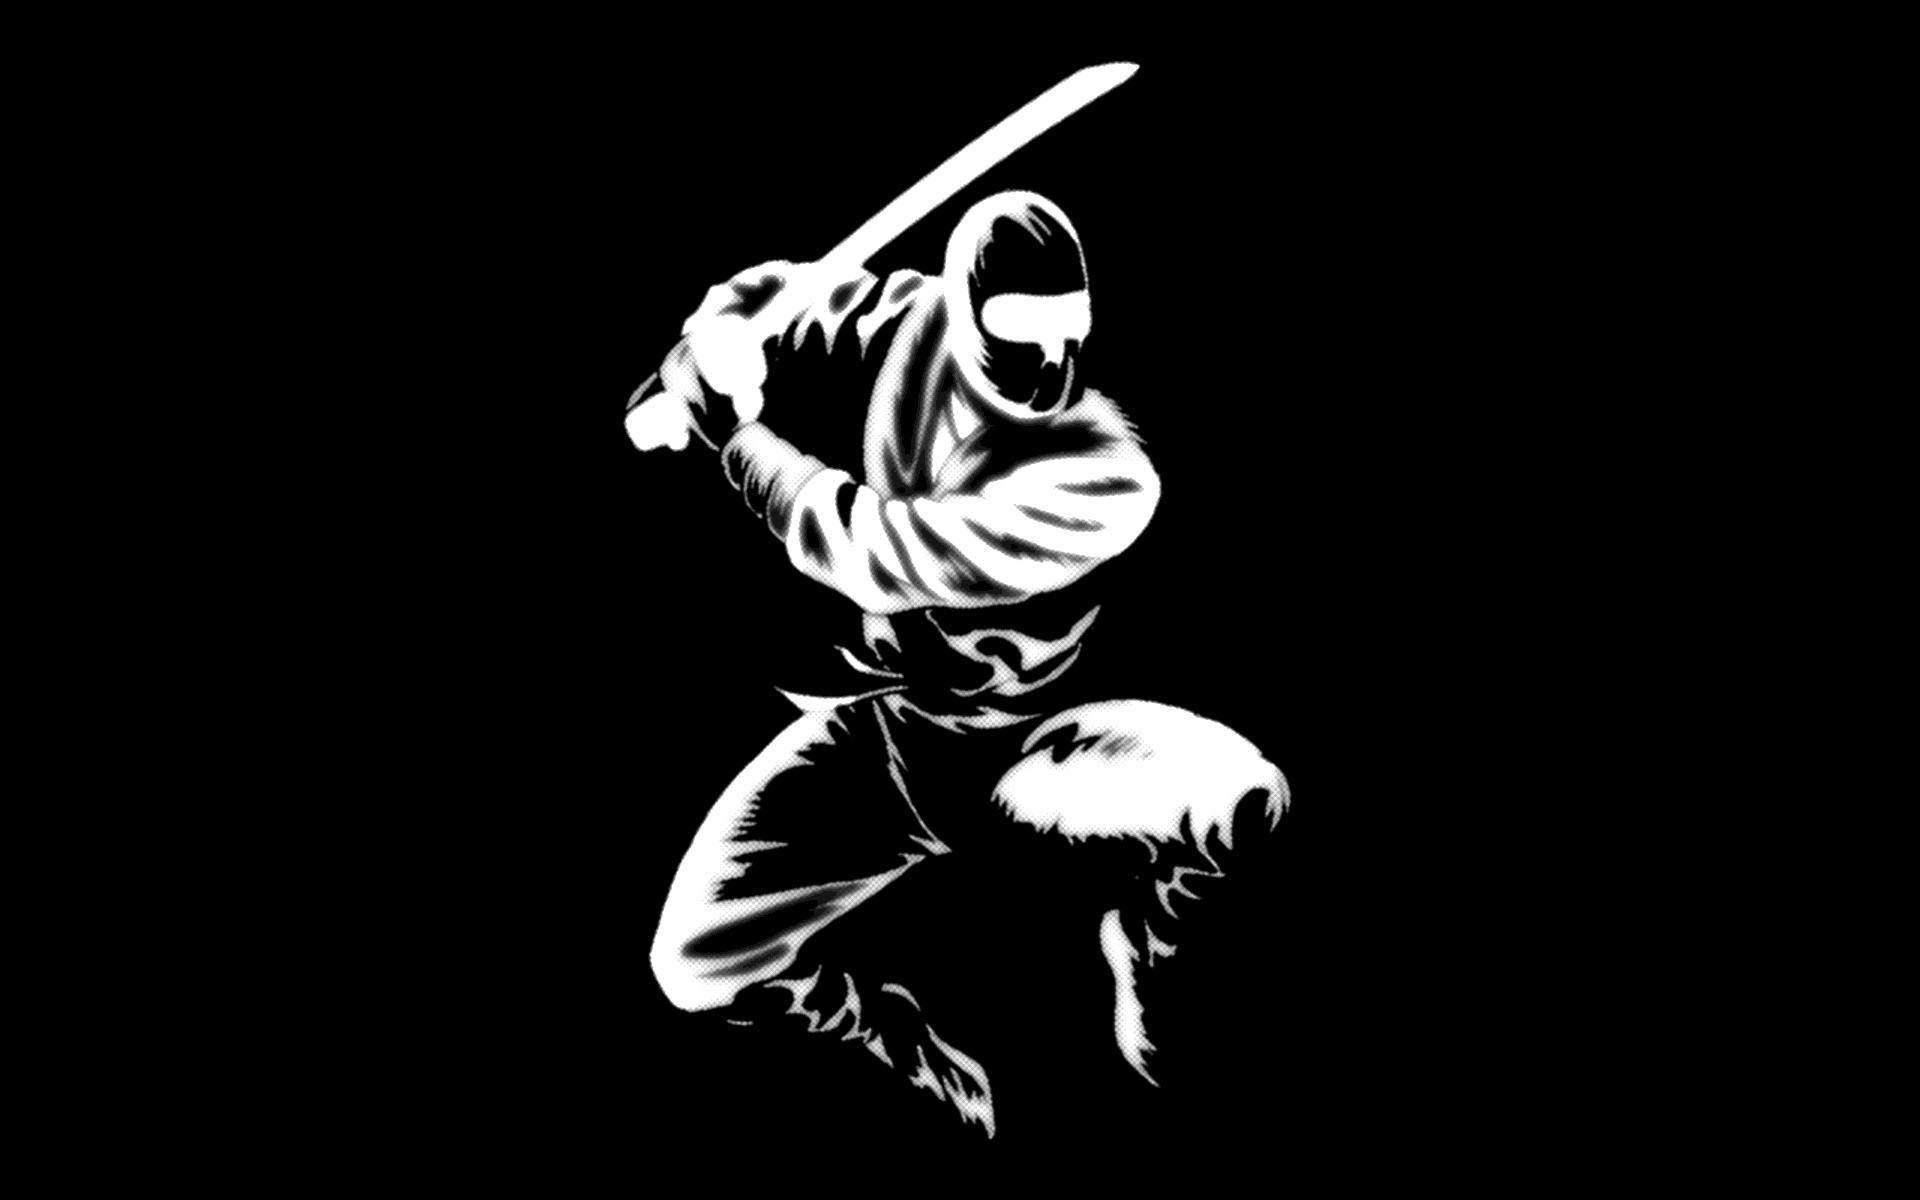 Ninja Wallpaper 23850 1920x1200 px HDWallSourcecom